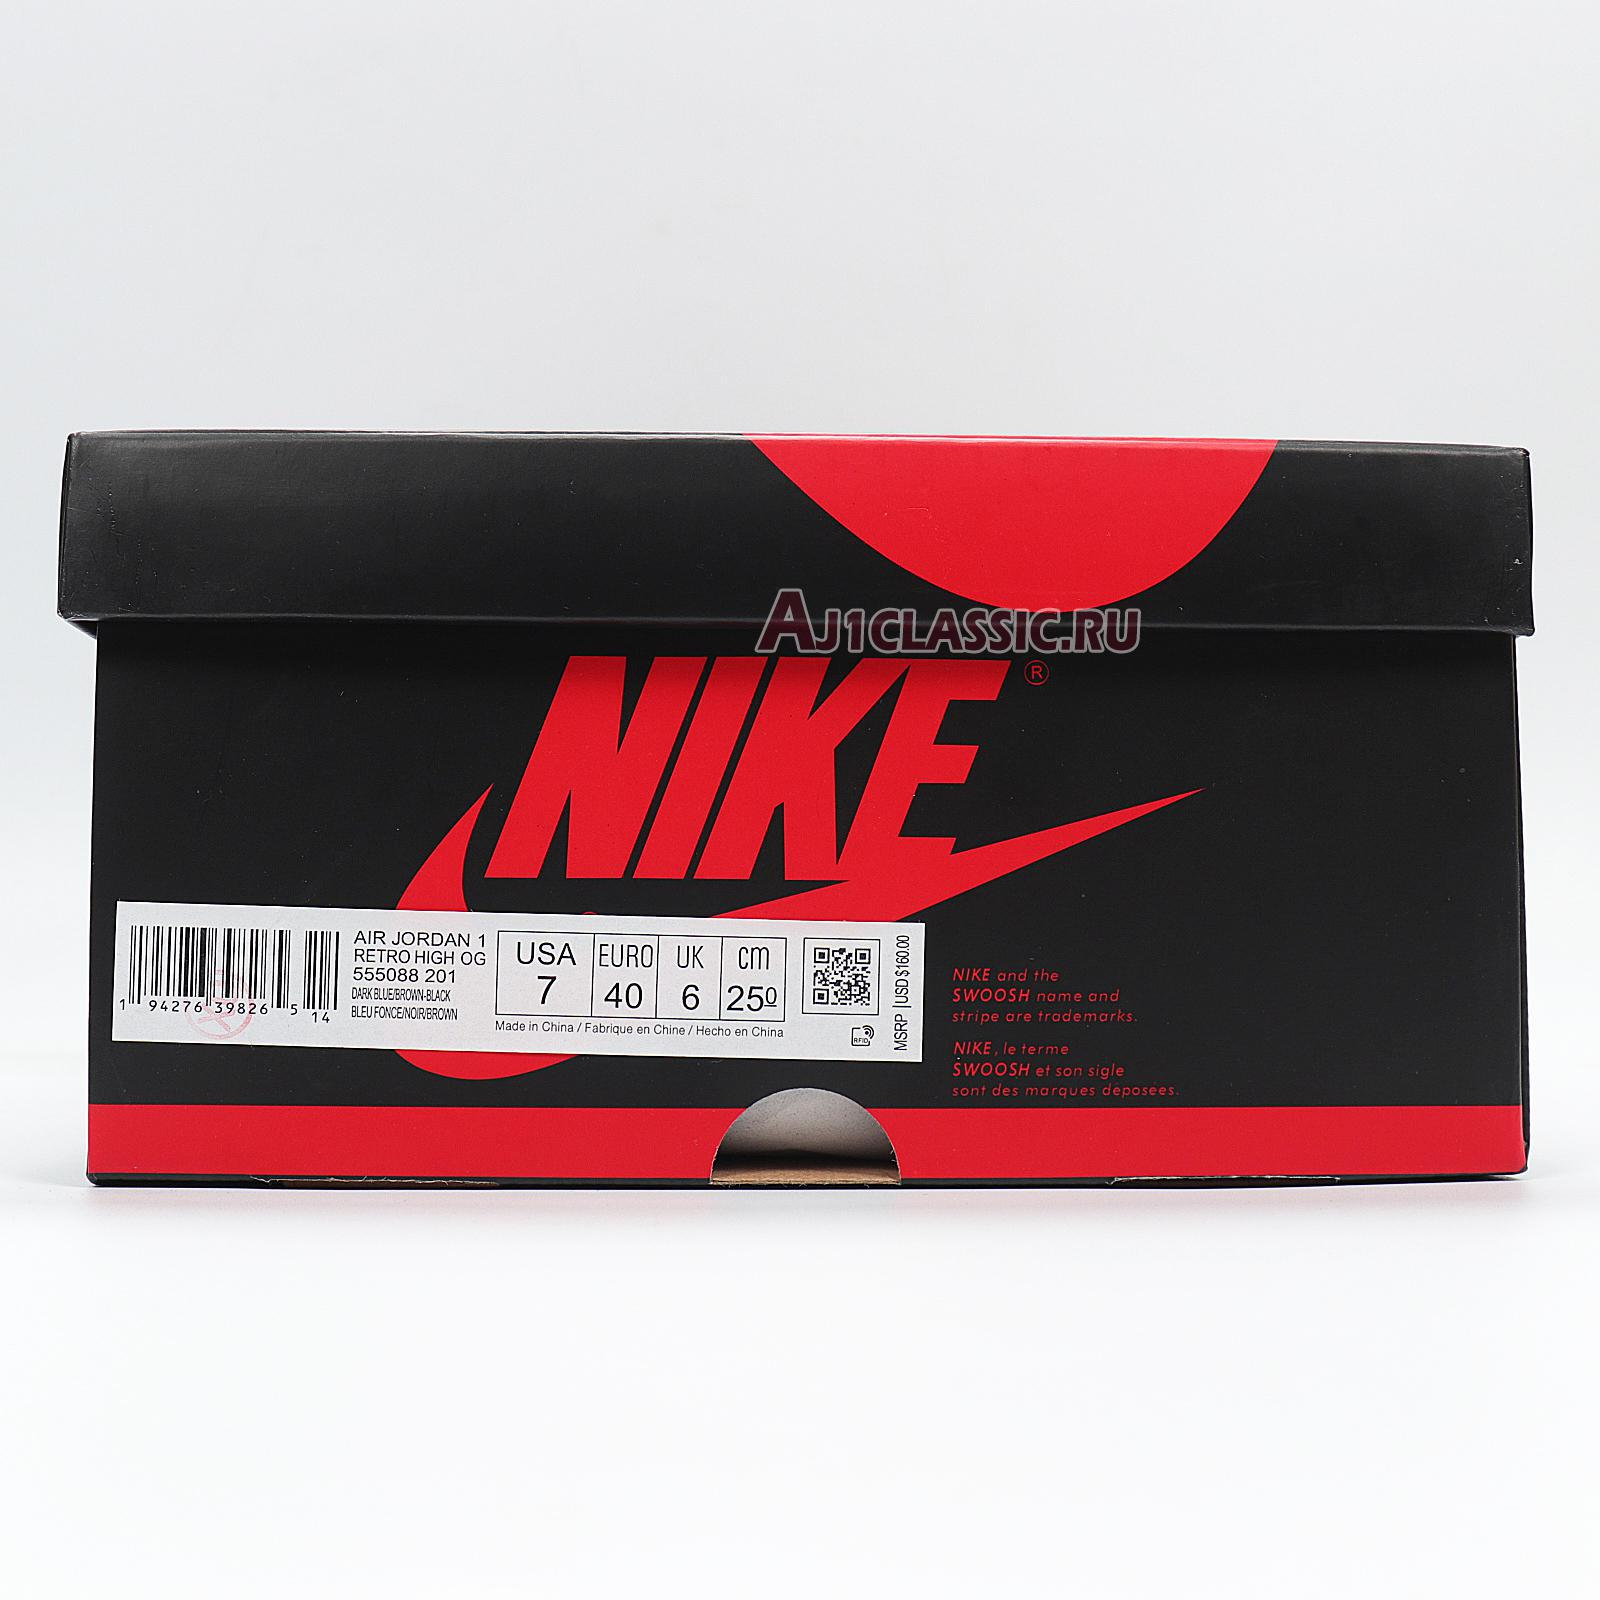 """Air Jordan 1 Retro High OG """"Tokyo Bio Hack"""" 555088-201"""